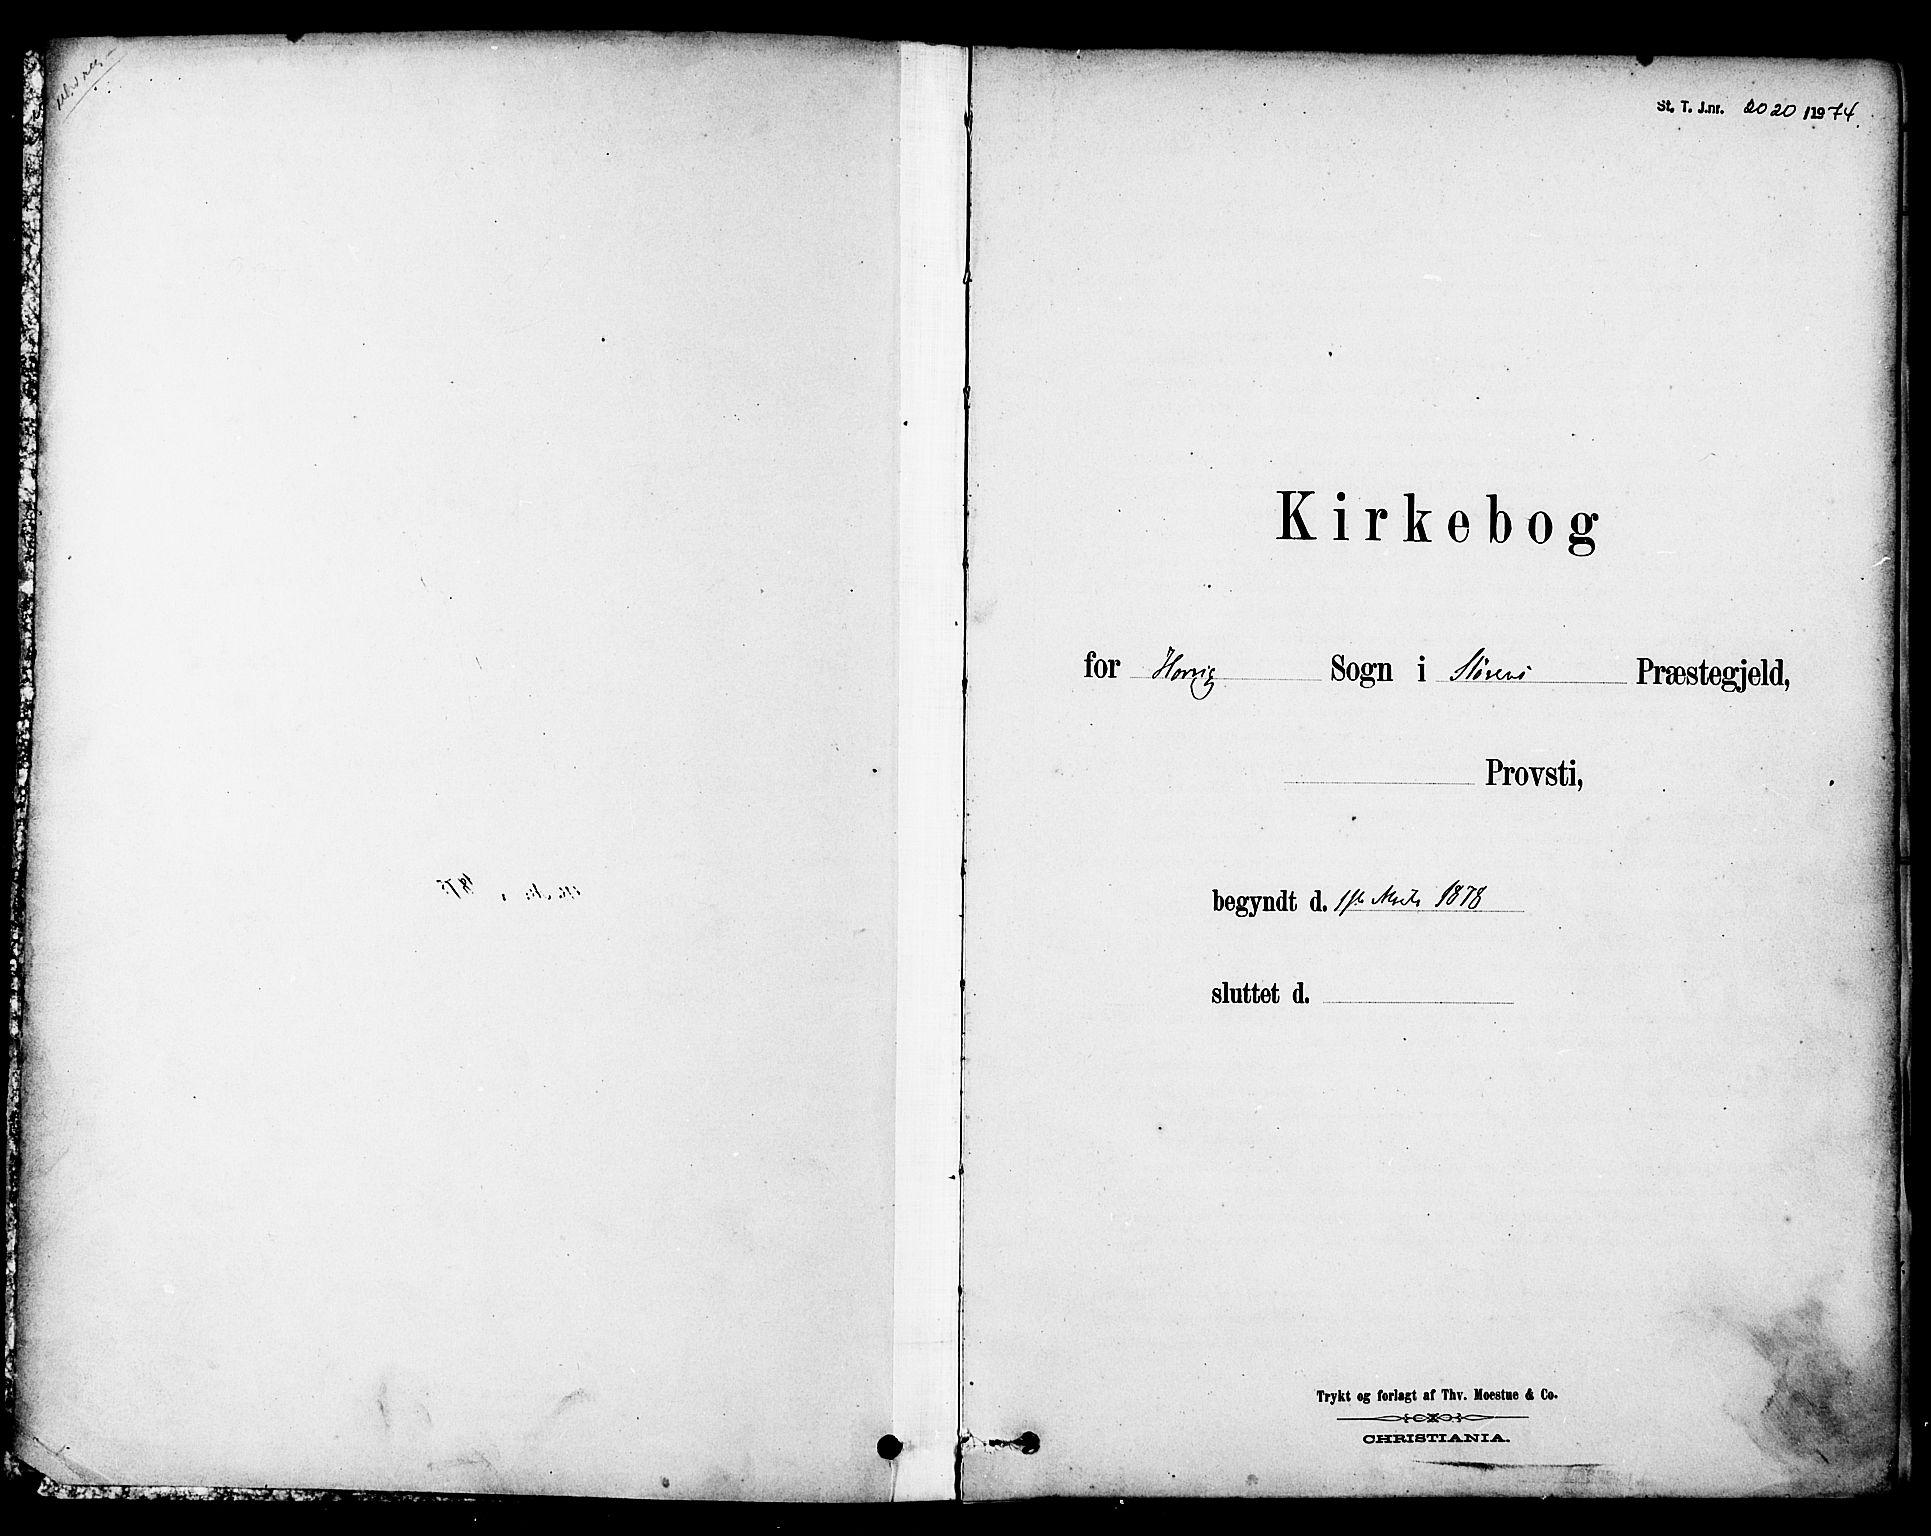 SAT, Ministerialprotokoller, klokkerbøker og fødselsregistre - Sør-Trøndelag, 692/L1105: Ministerialbok nr. 692A05, 1878-1890